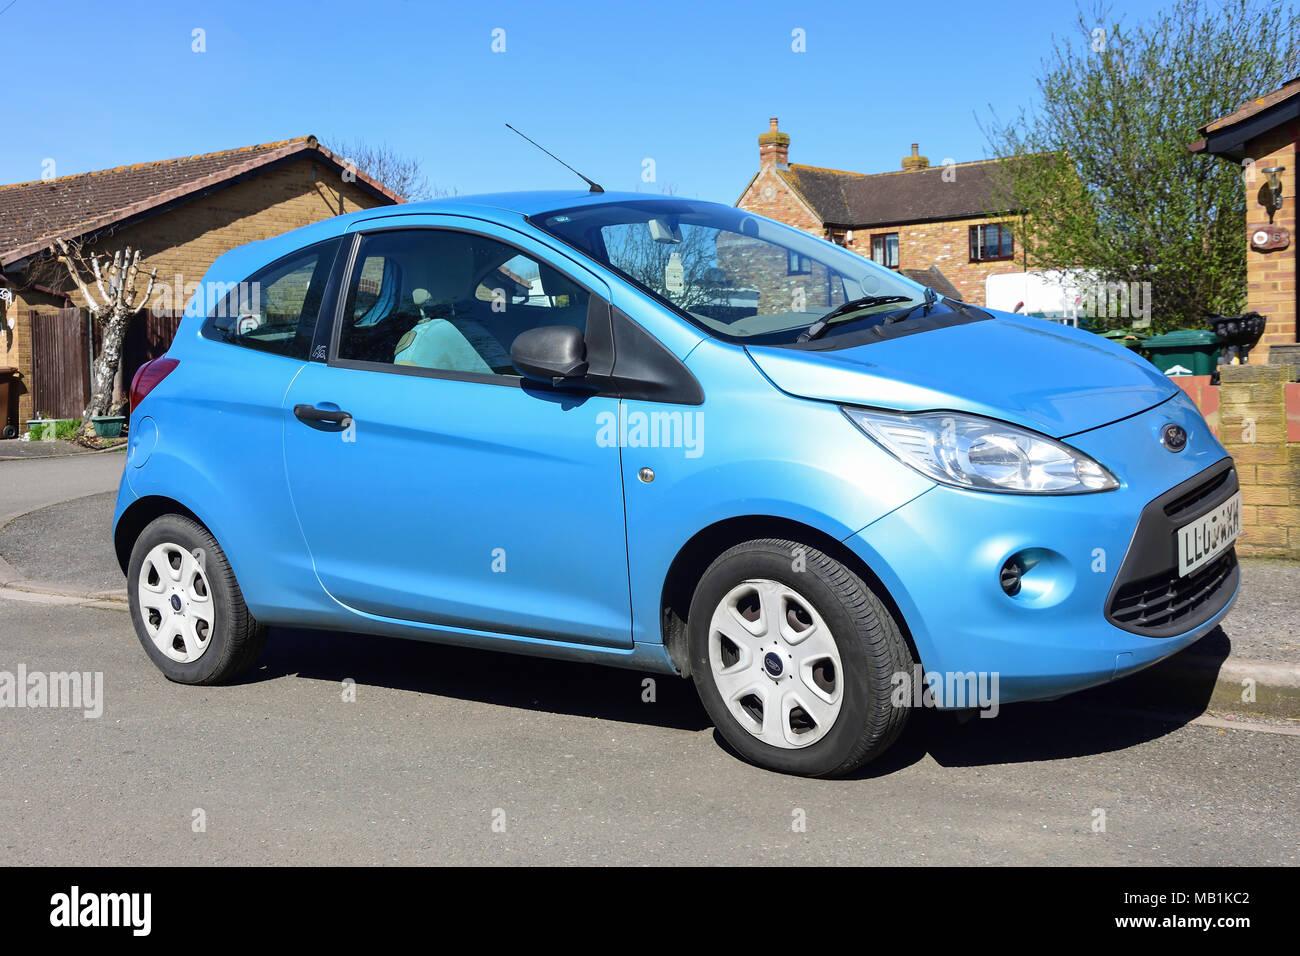 La luz azul de automóviles Ford Ka estacionado en la carretera, Stanwell Moor, Surrey, Inglaterra, Reino Unido Imagen De Stock